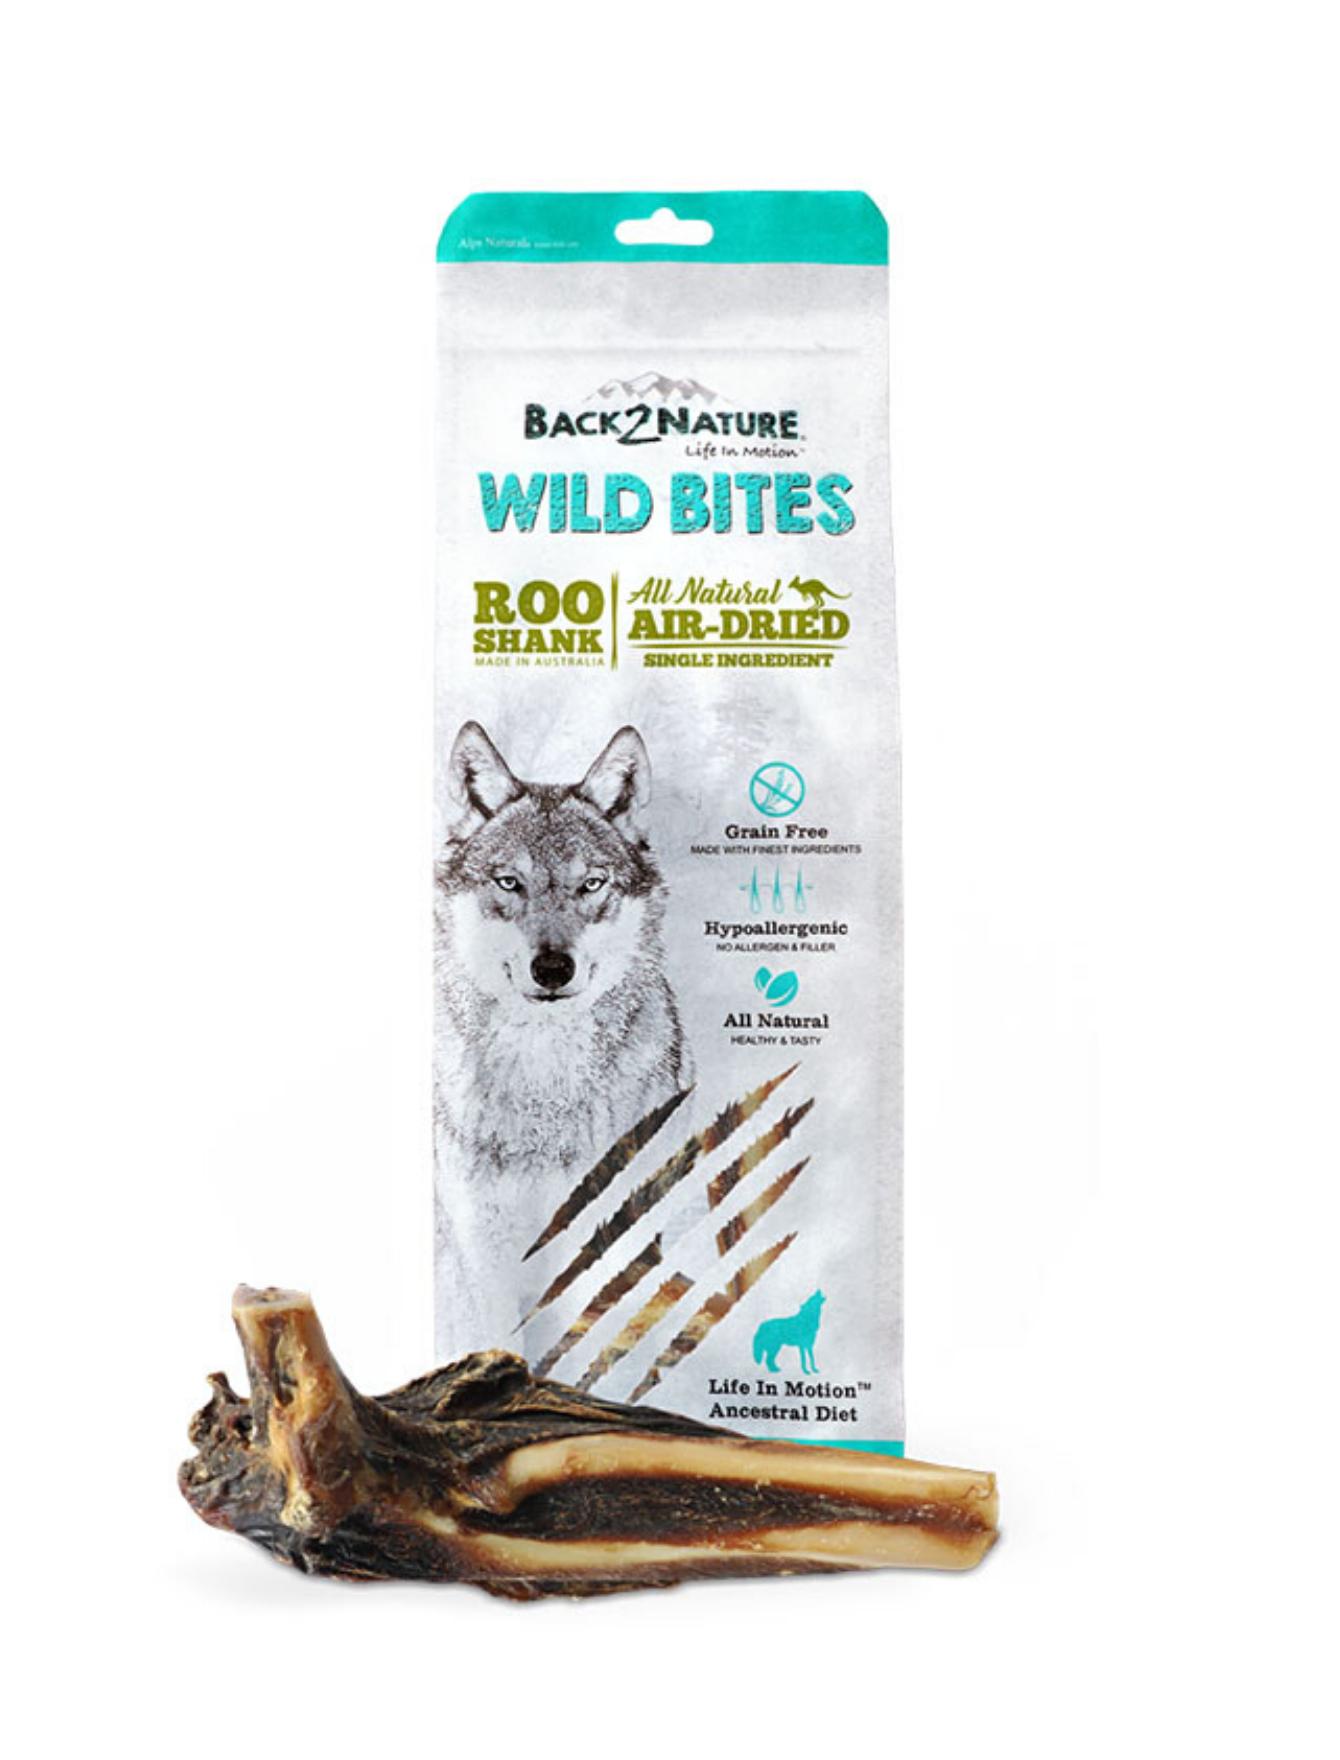 Wild Bites Roo Shank Air Dried Dog Treats - 2pcs